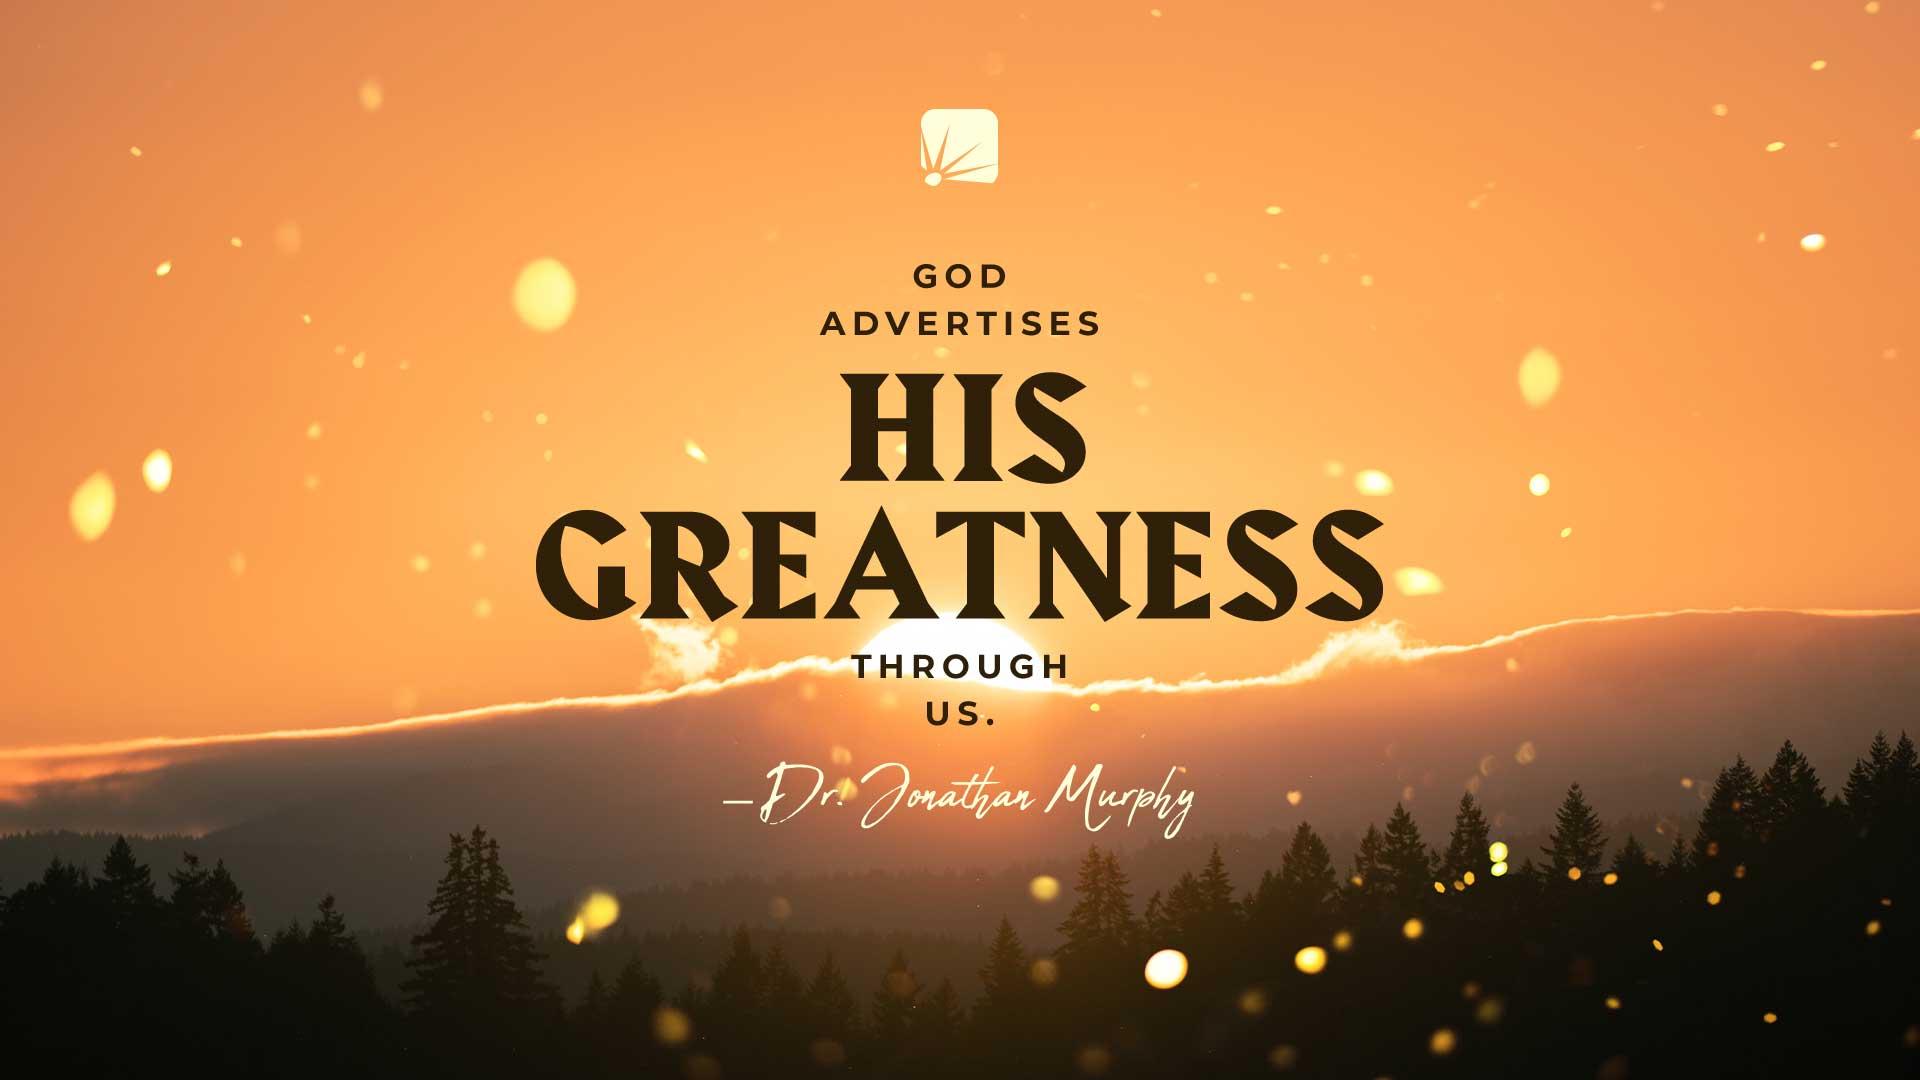 """cita: """"Dios anuncia su grandeza a través de nosotros""""."""